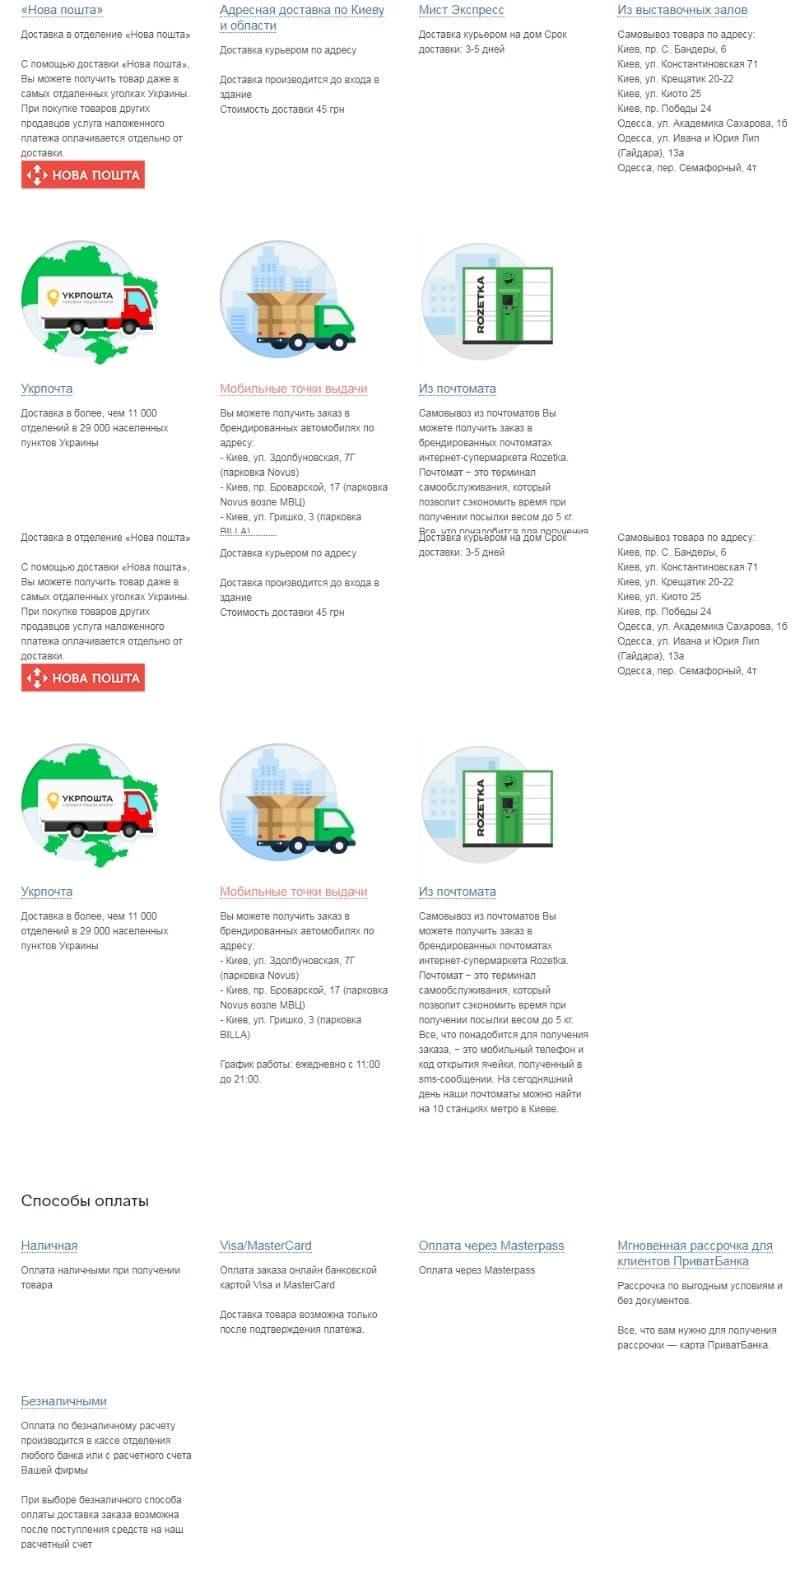 Страница доставки и оплаты сайта Rozetka.ua